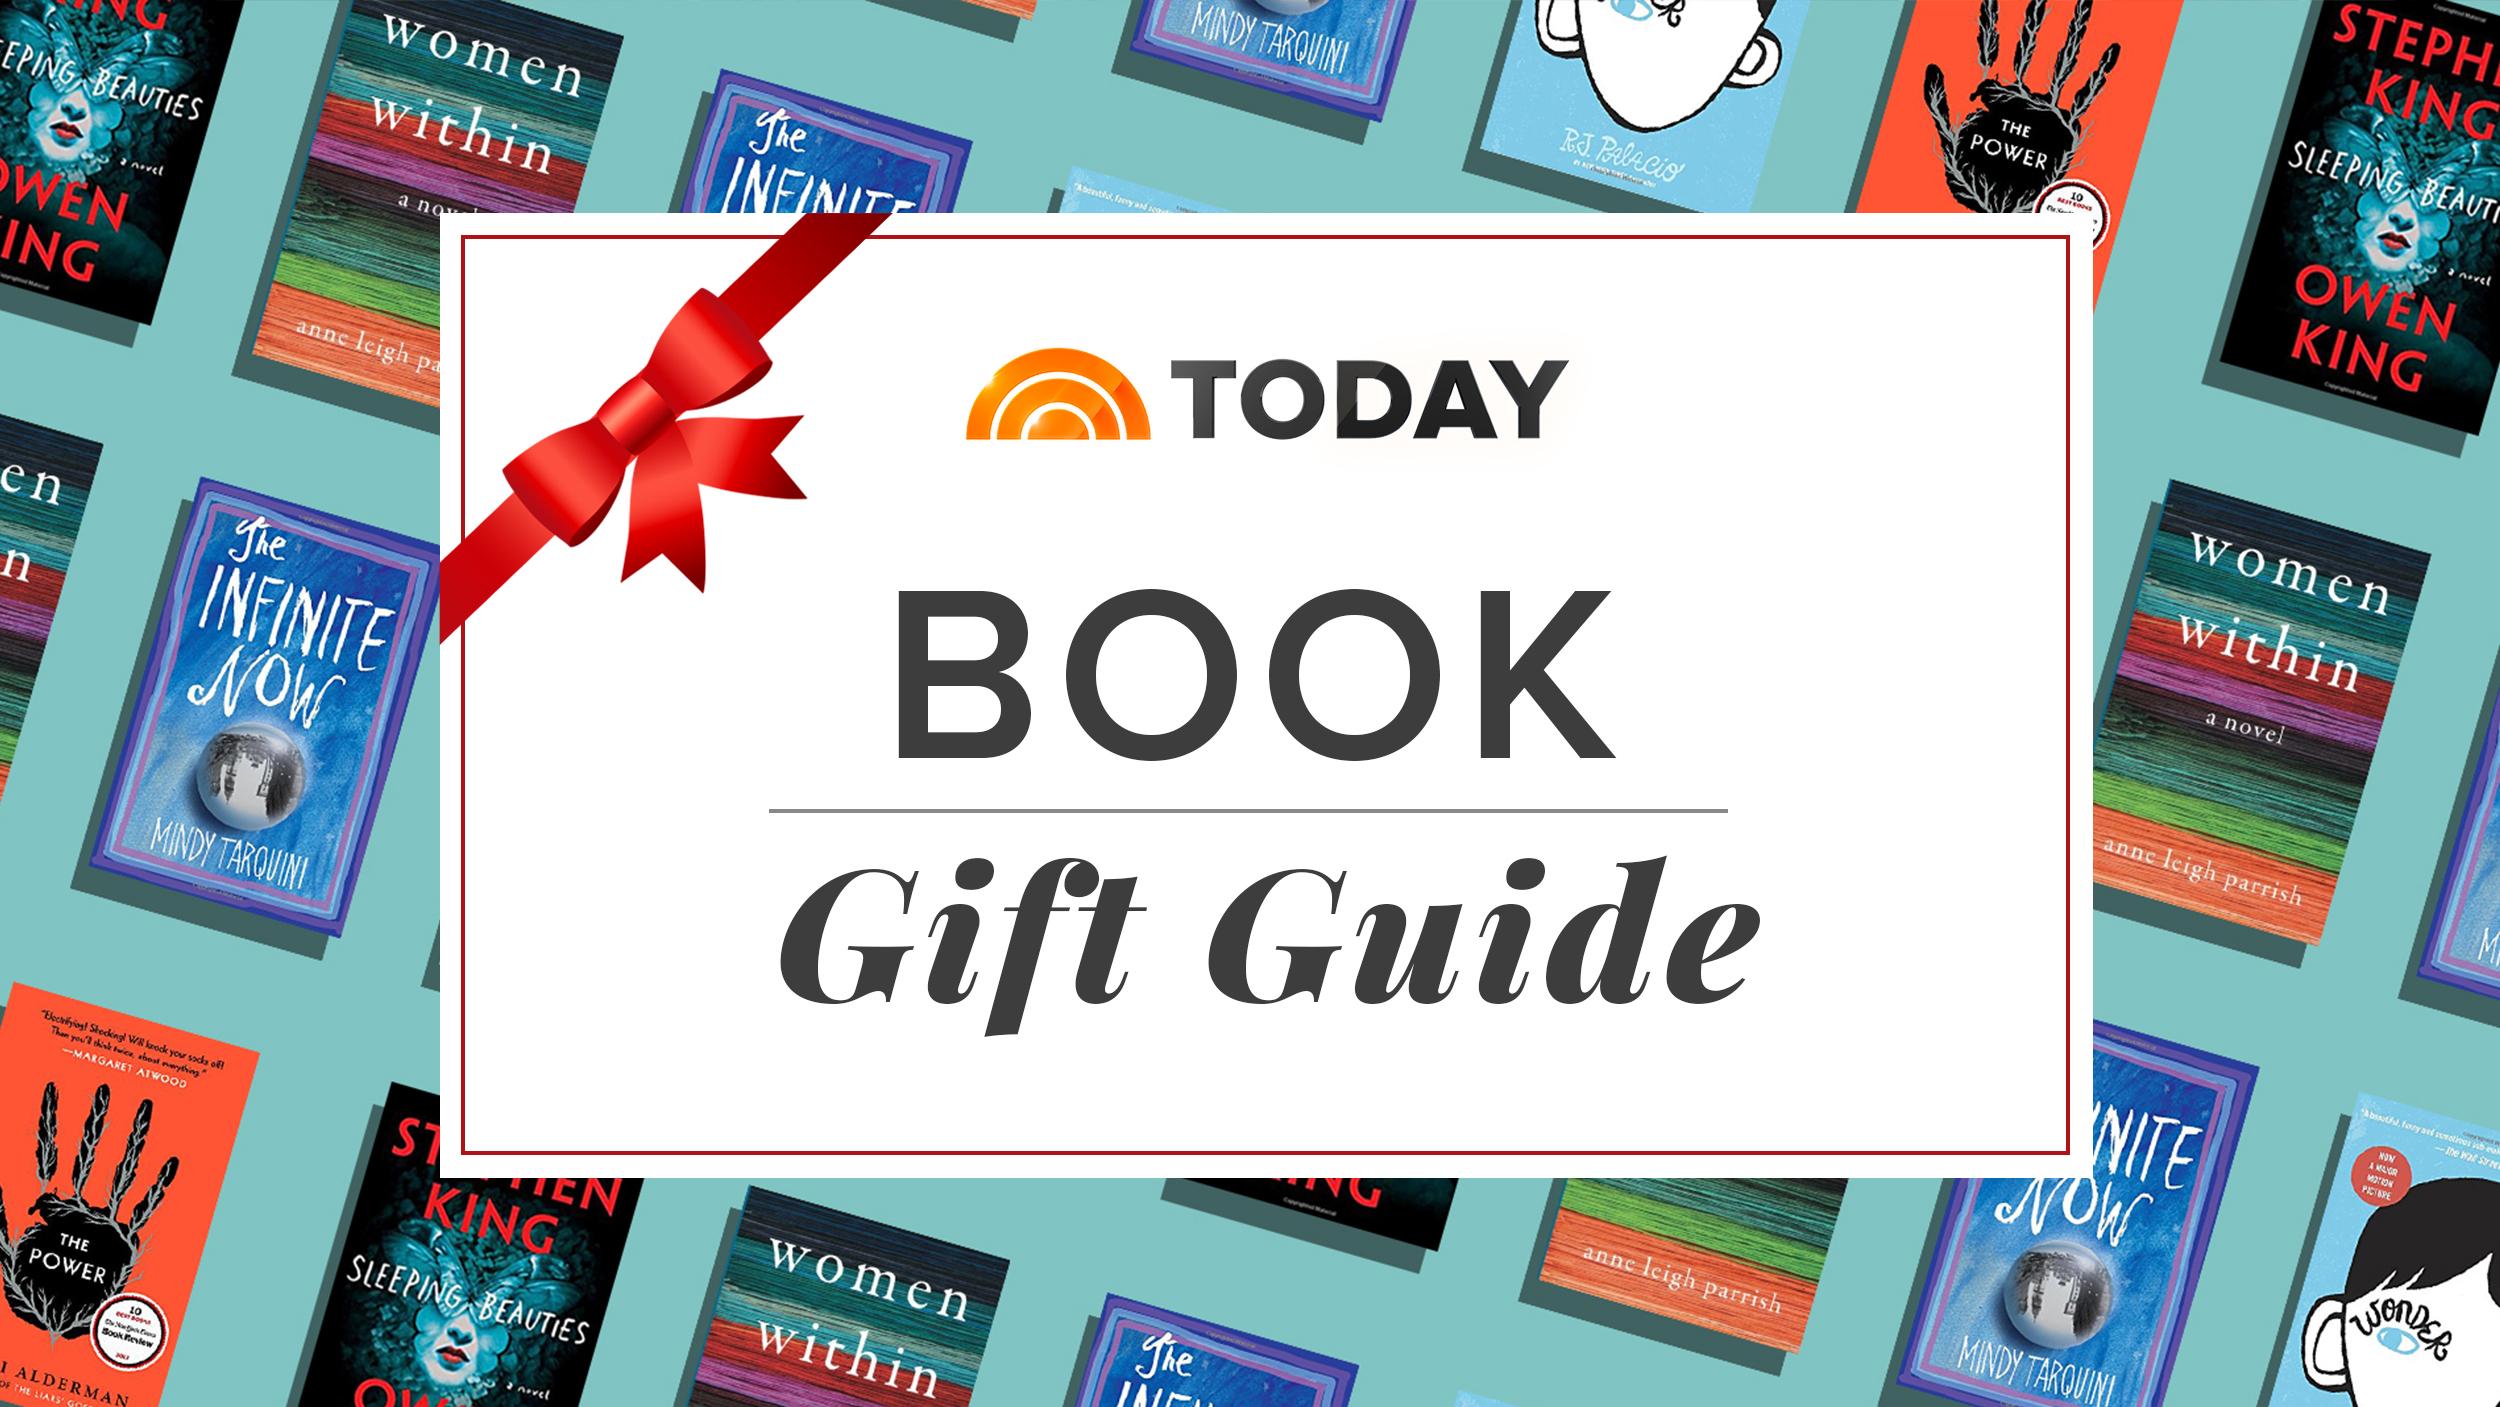 Book Club - TODAY.com